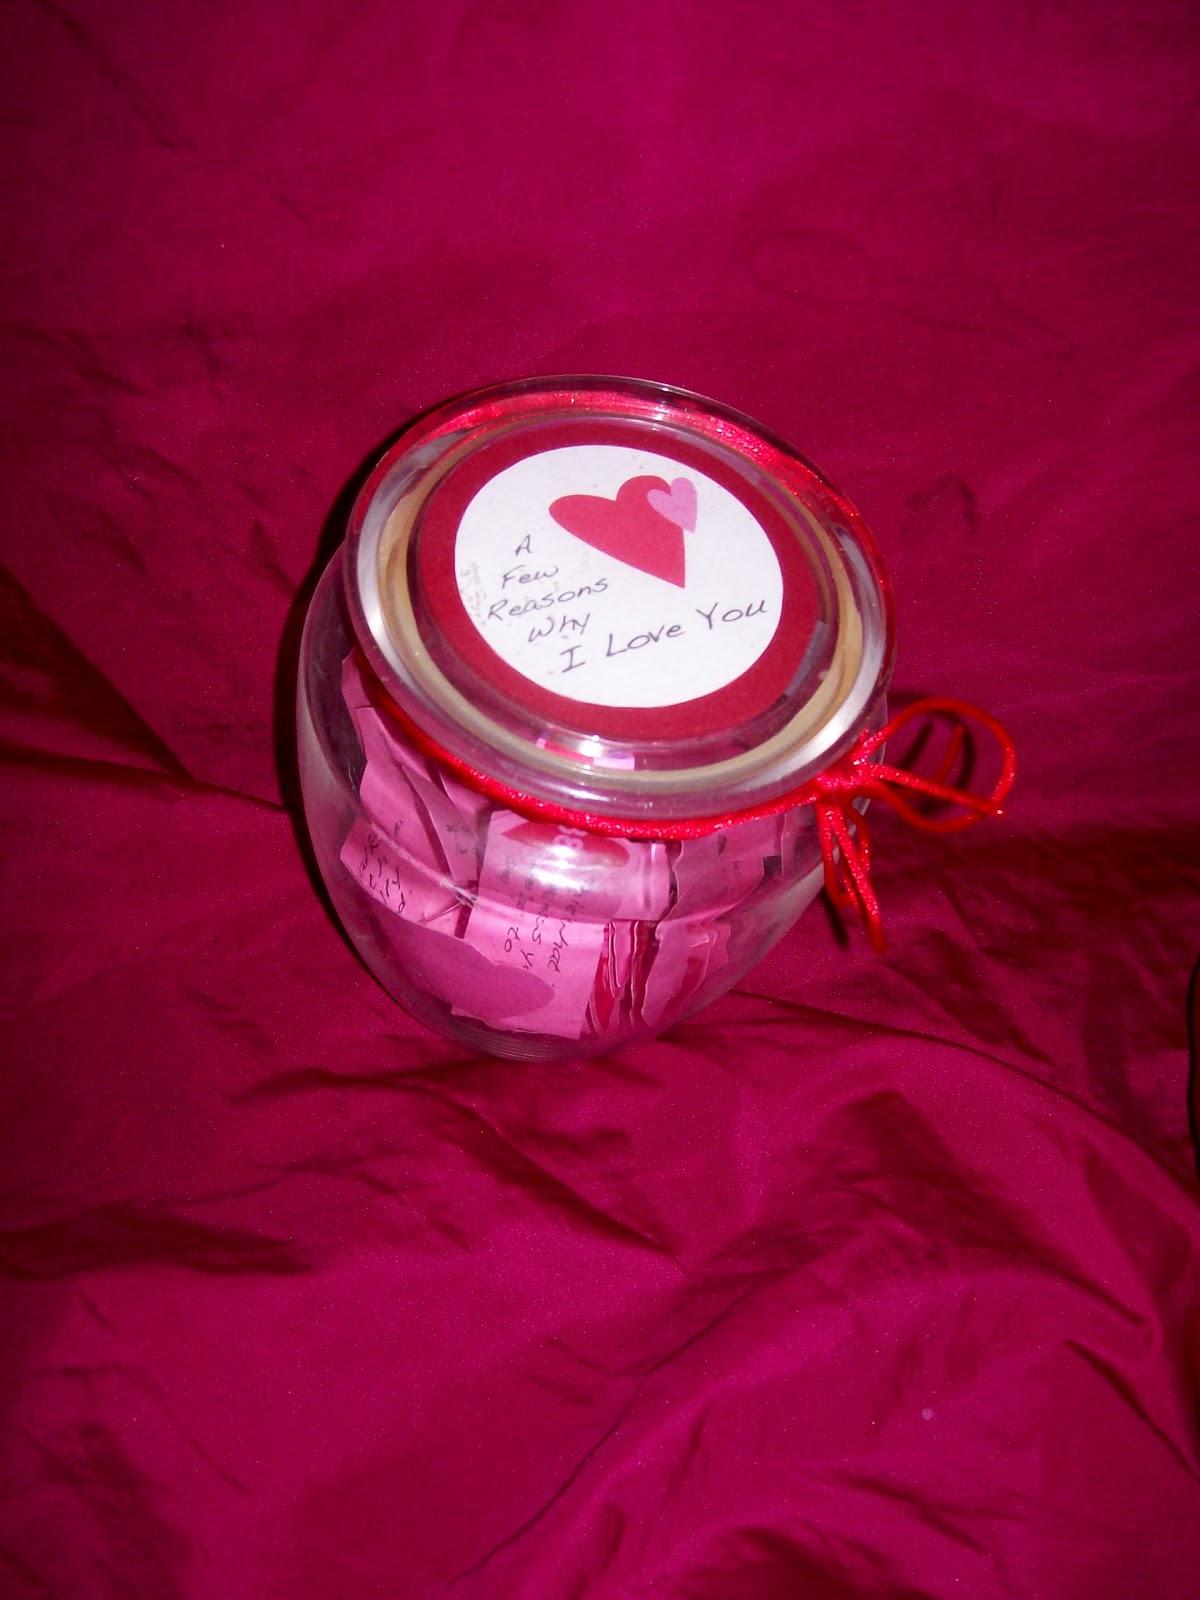 reasons why i love you jar